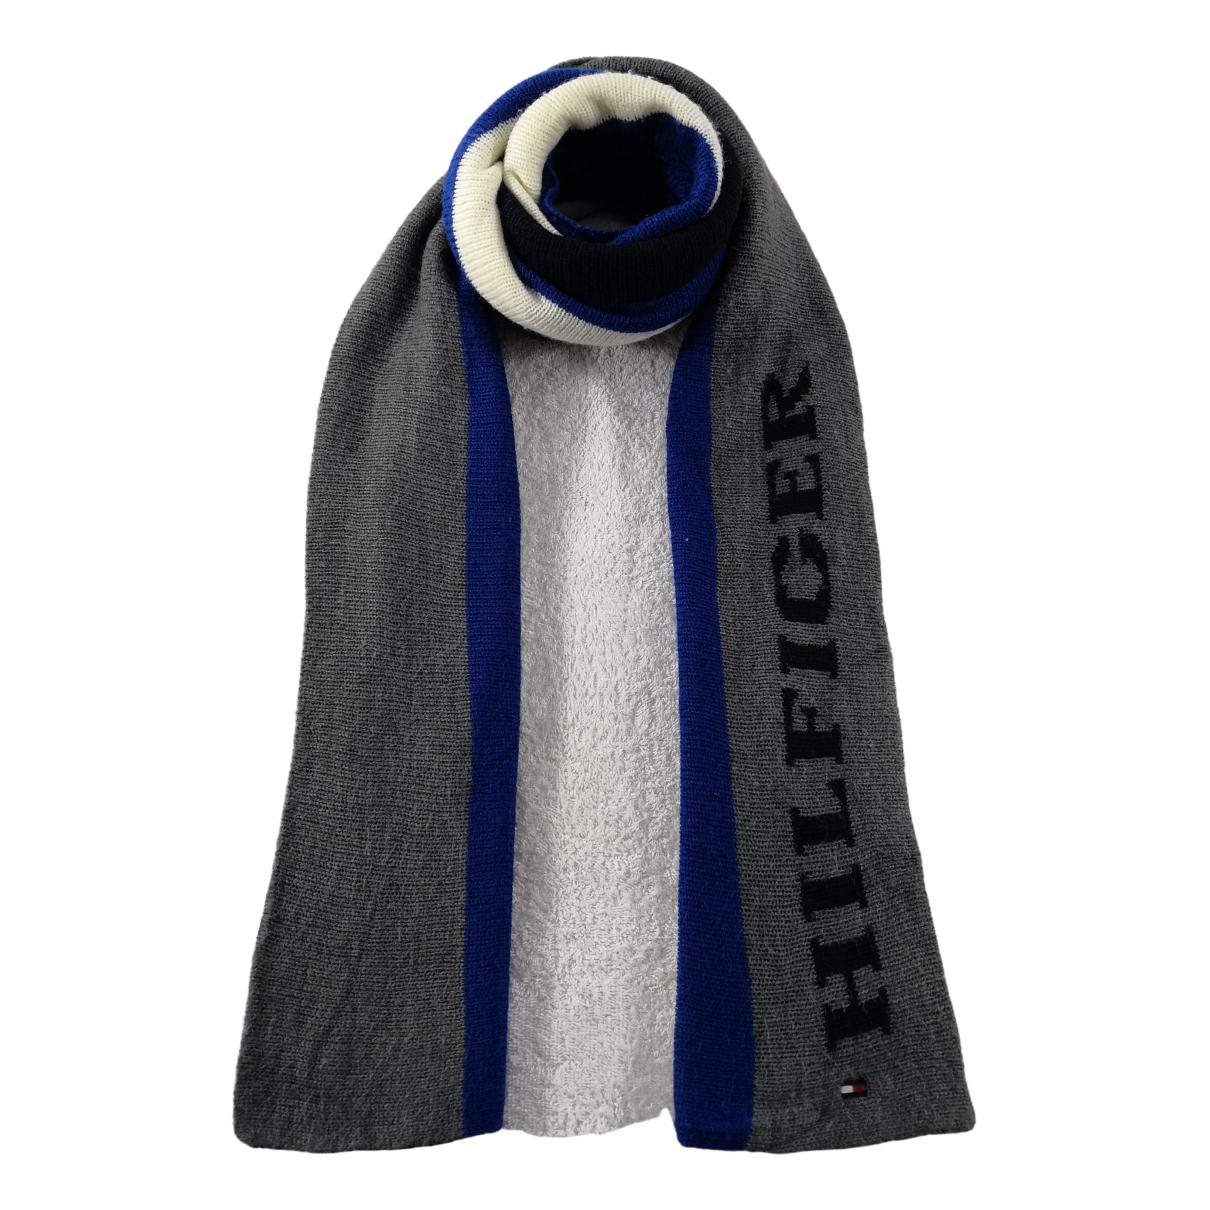 Tommy Hilfiger \N Schal in  Blau Wolle